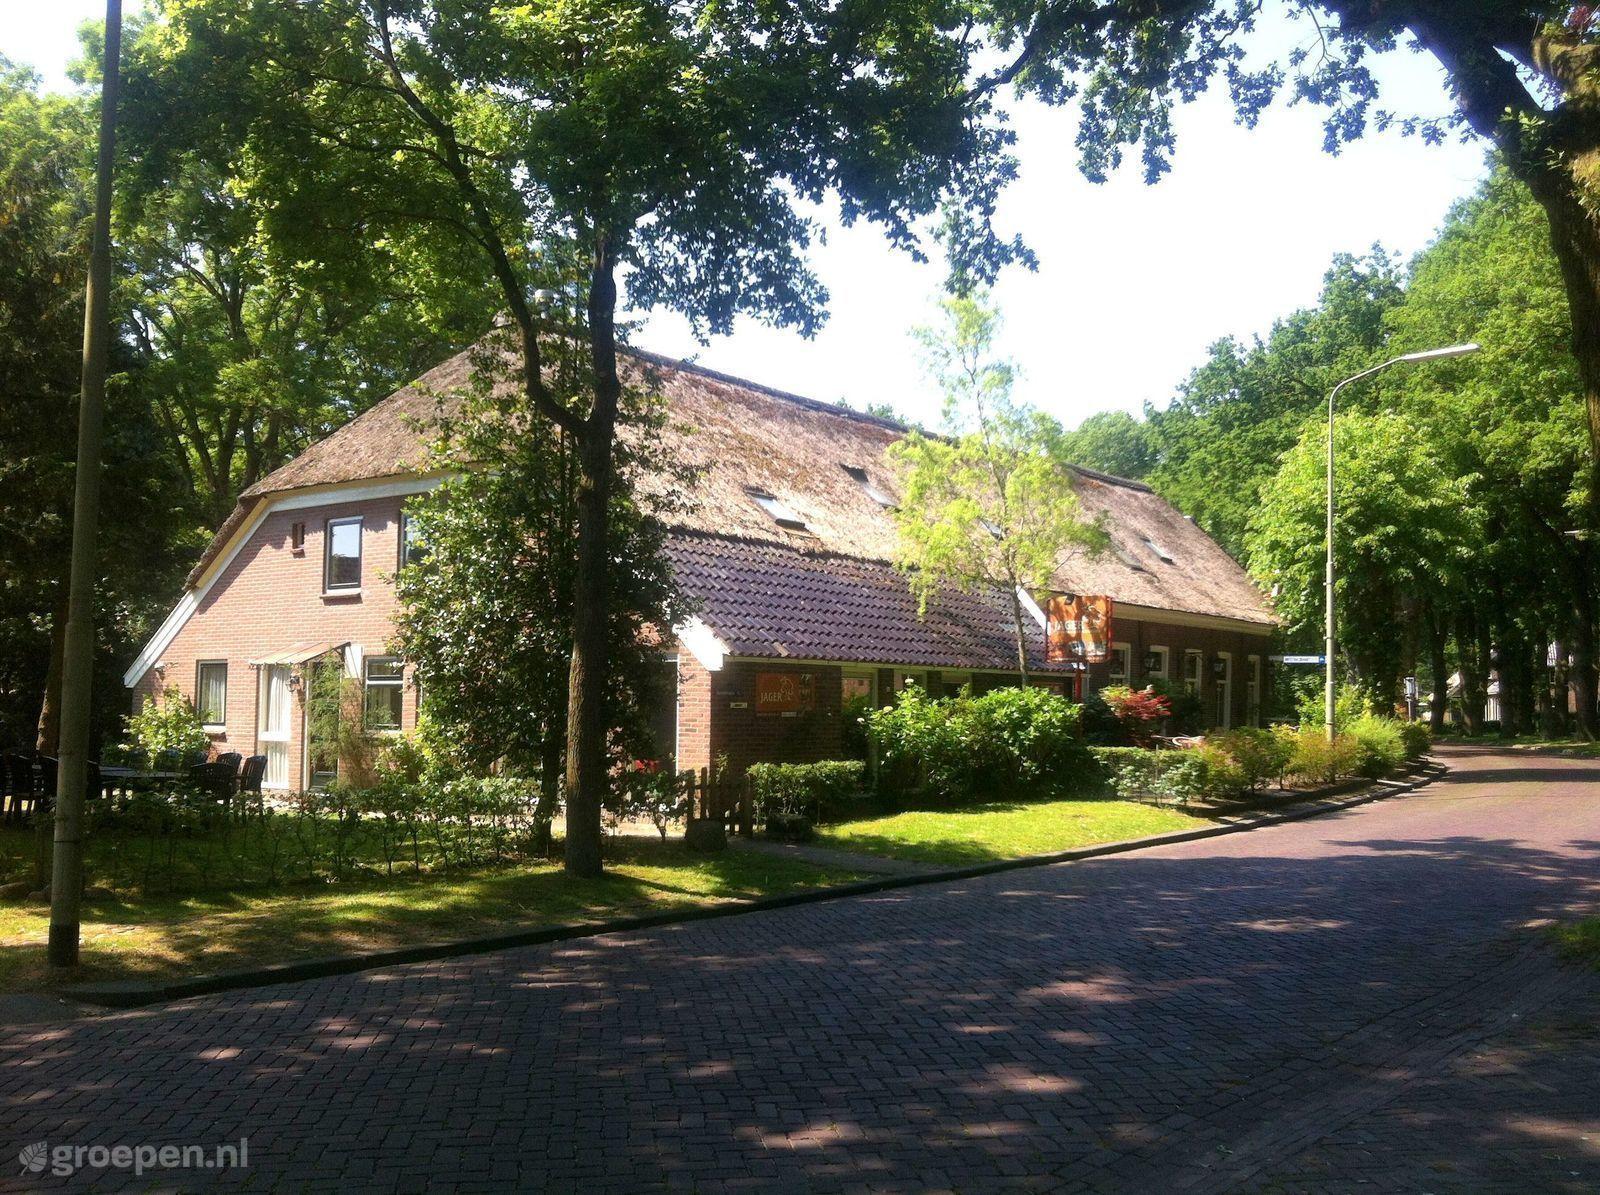 Groepsaccommodatie Sleen - Nederland - Drenthe - 40 personen - huis